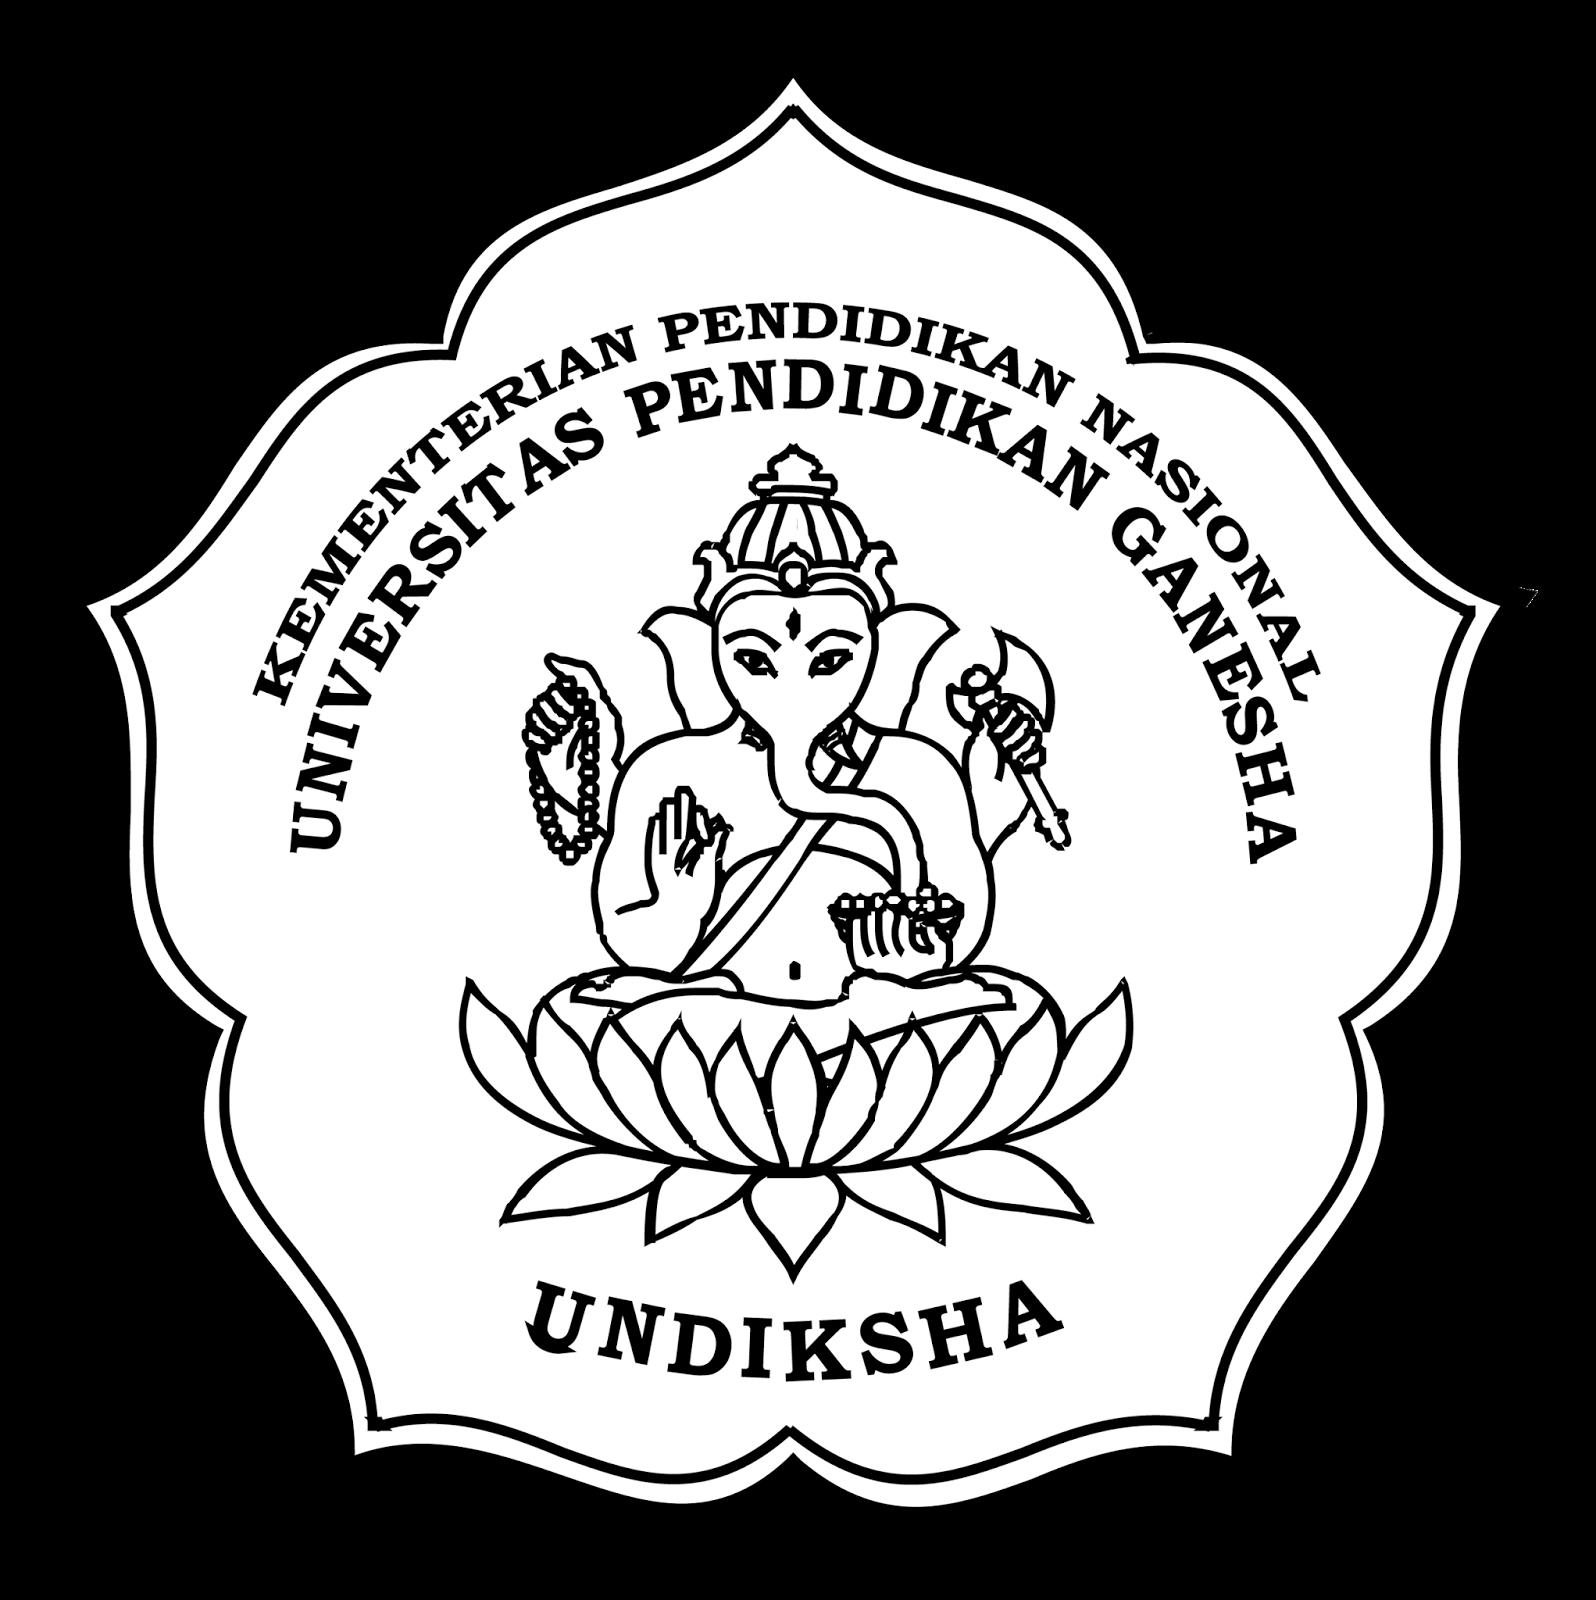 Logo Undiksha Terbaru 2012 Free Download Warung Desainer